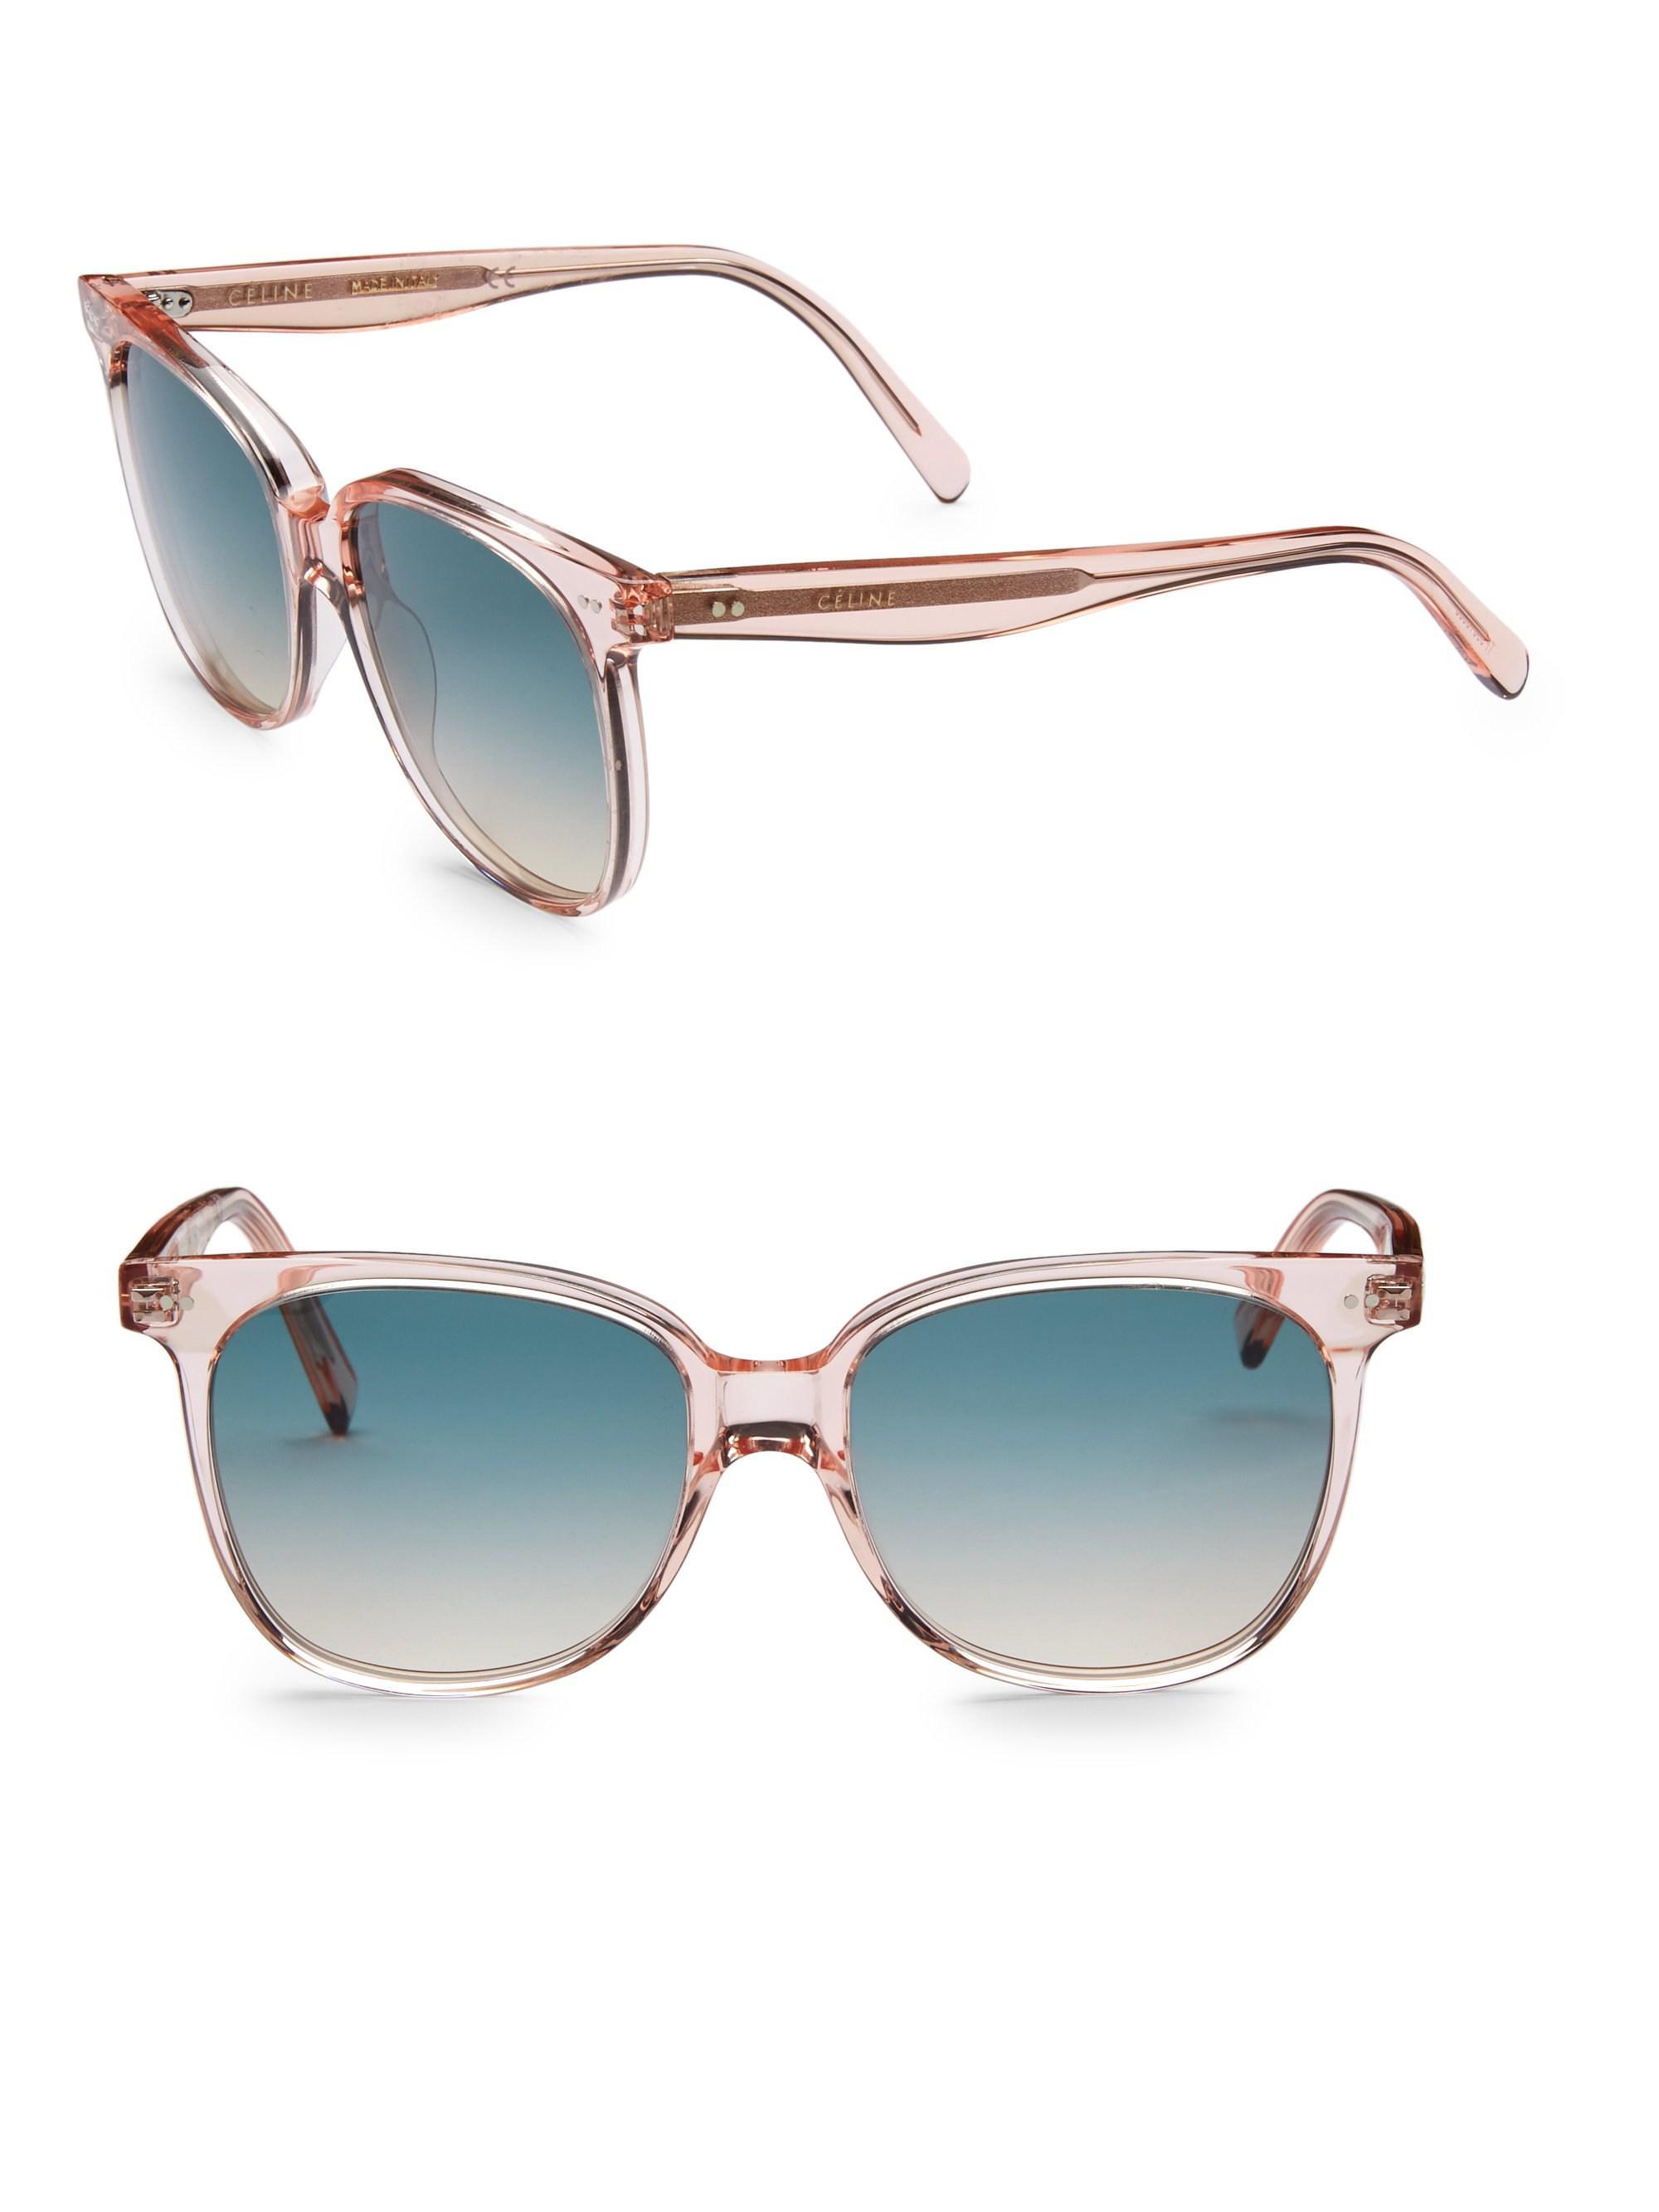 35ebac85be4 Céline 57mm Round Acetate Sunglasses in Blue - Lyst